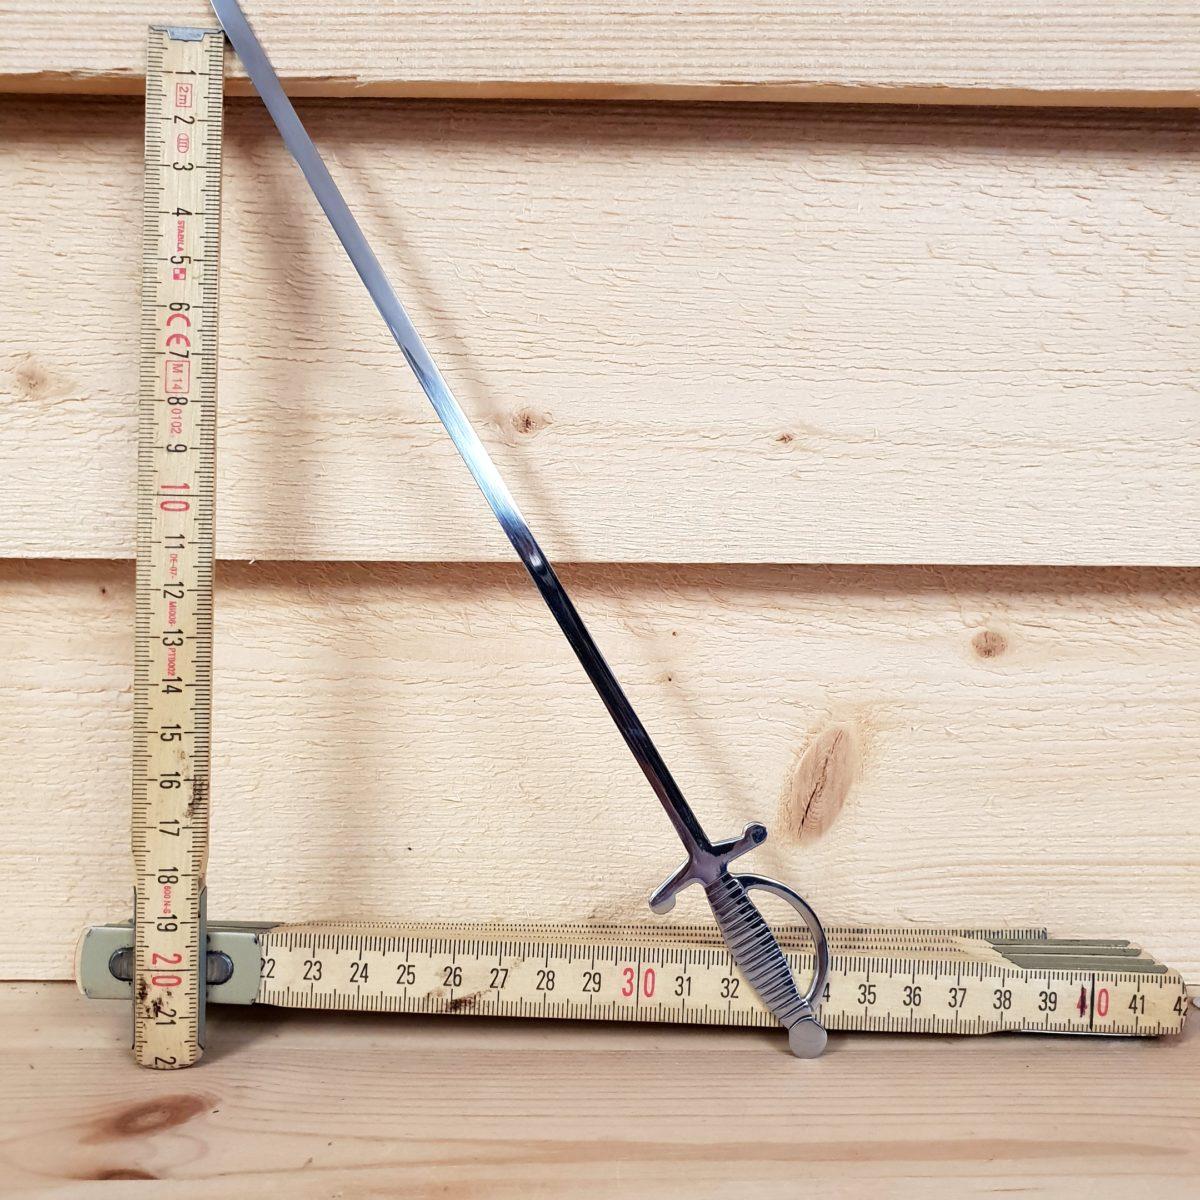 platt grillspett med formen av ett svärd eller värja